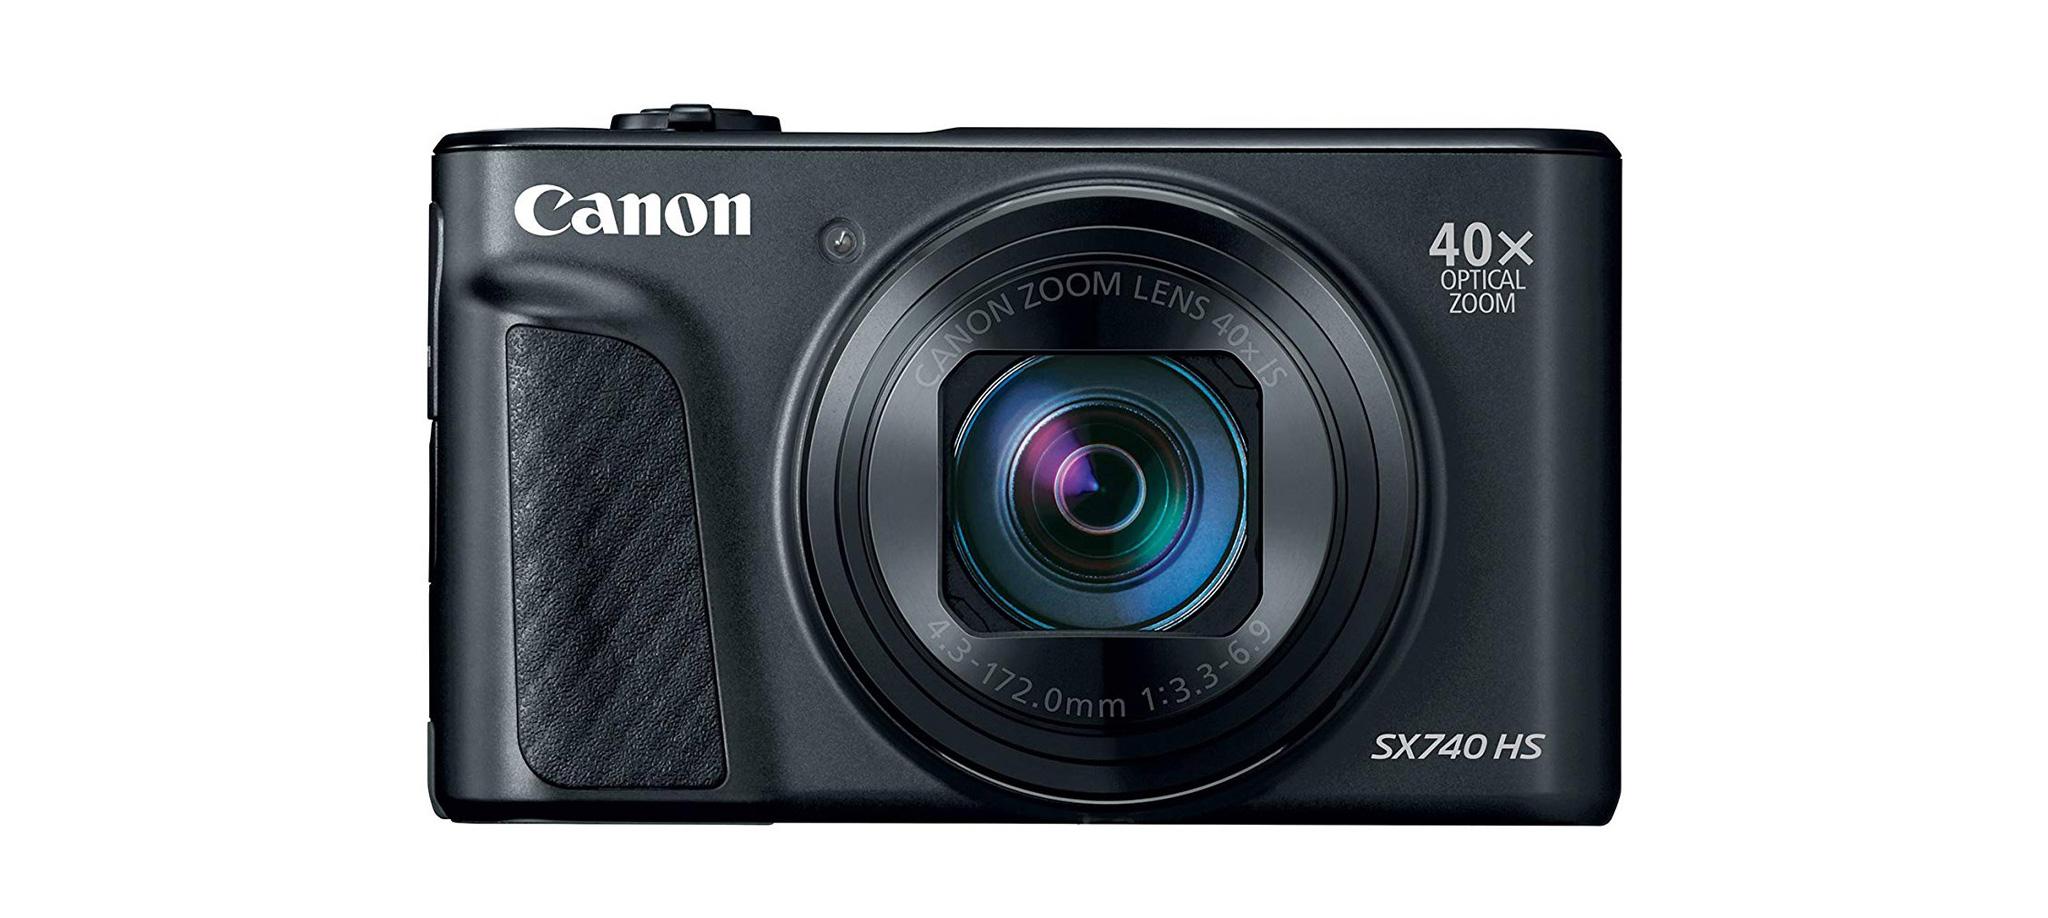 Canon-SX740-HS-2.jpg